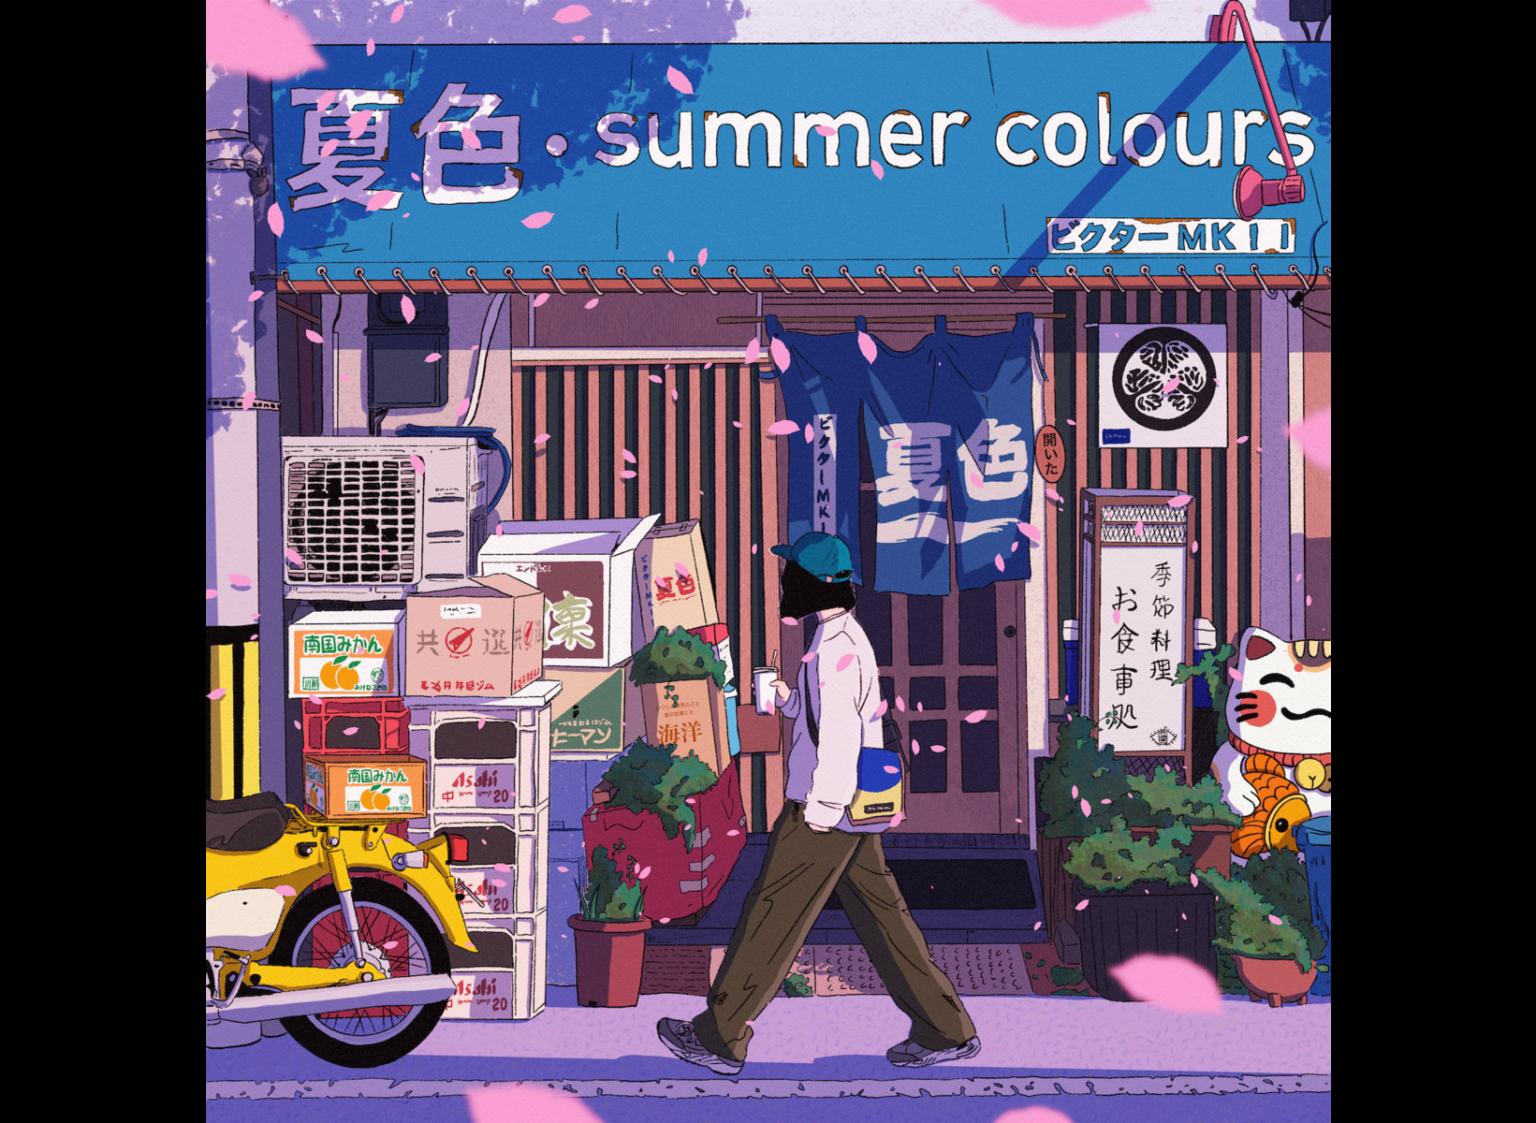 ビクターMKII: 夏色 Summer Colours